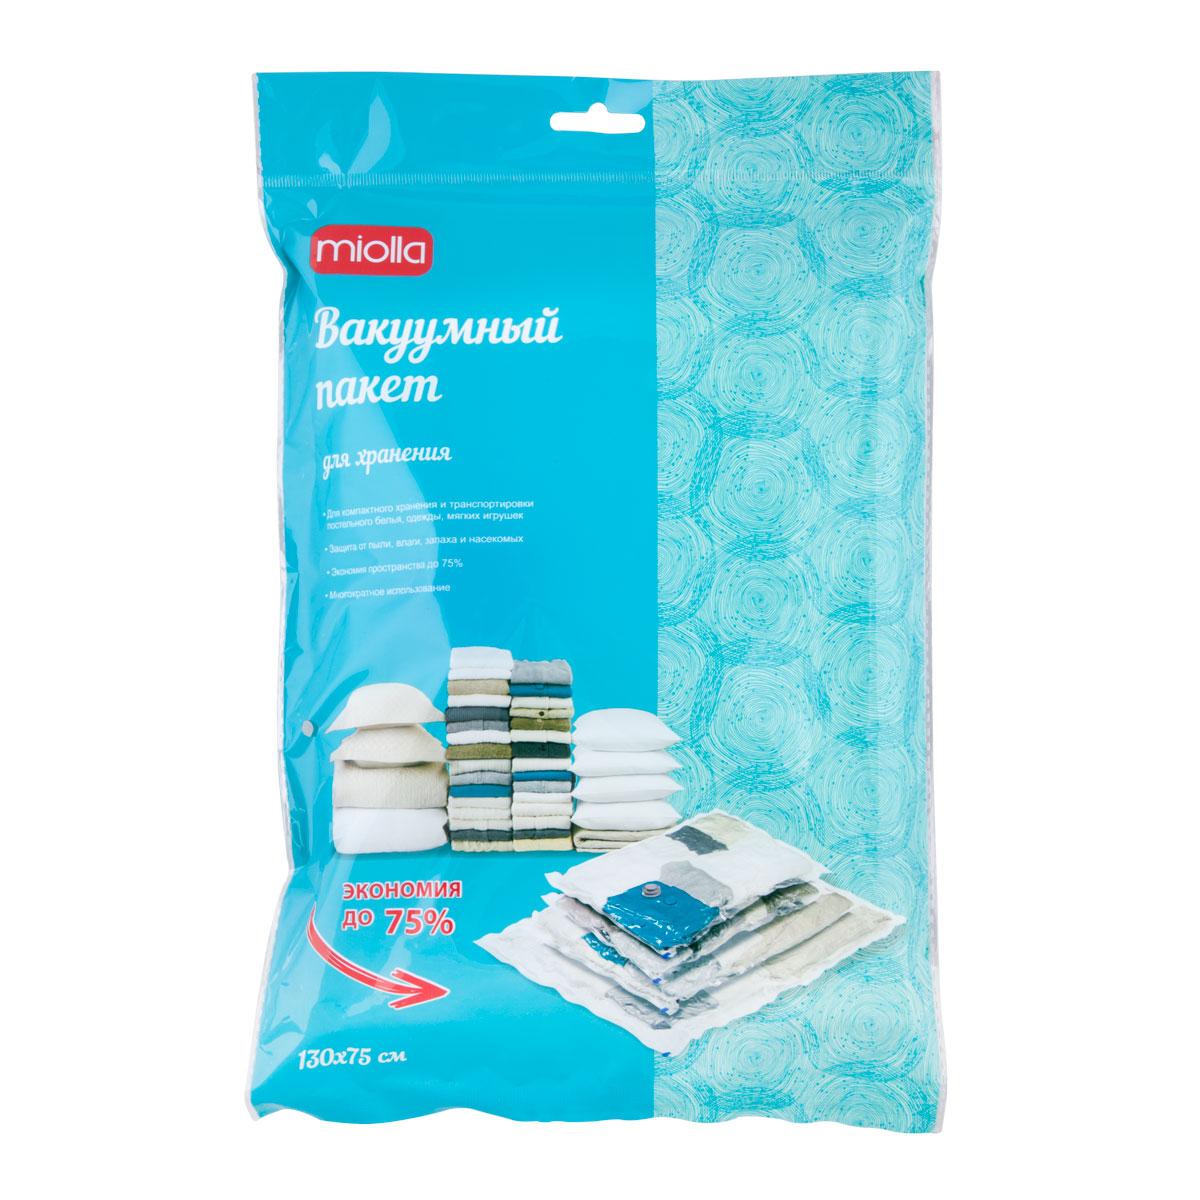 Пакет для хранения Miolla, вакуумный, 130 х 75 см бокс для хранения вещей kiss the plastic industry